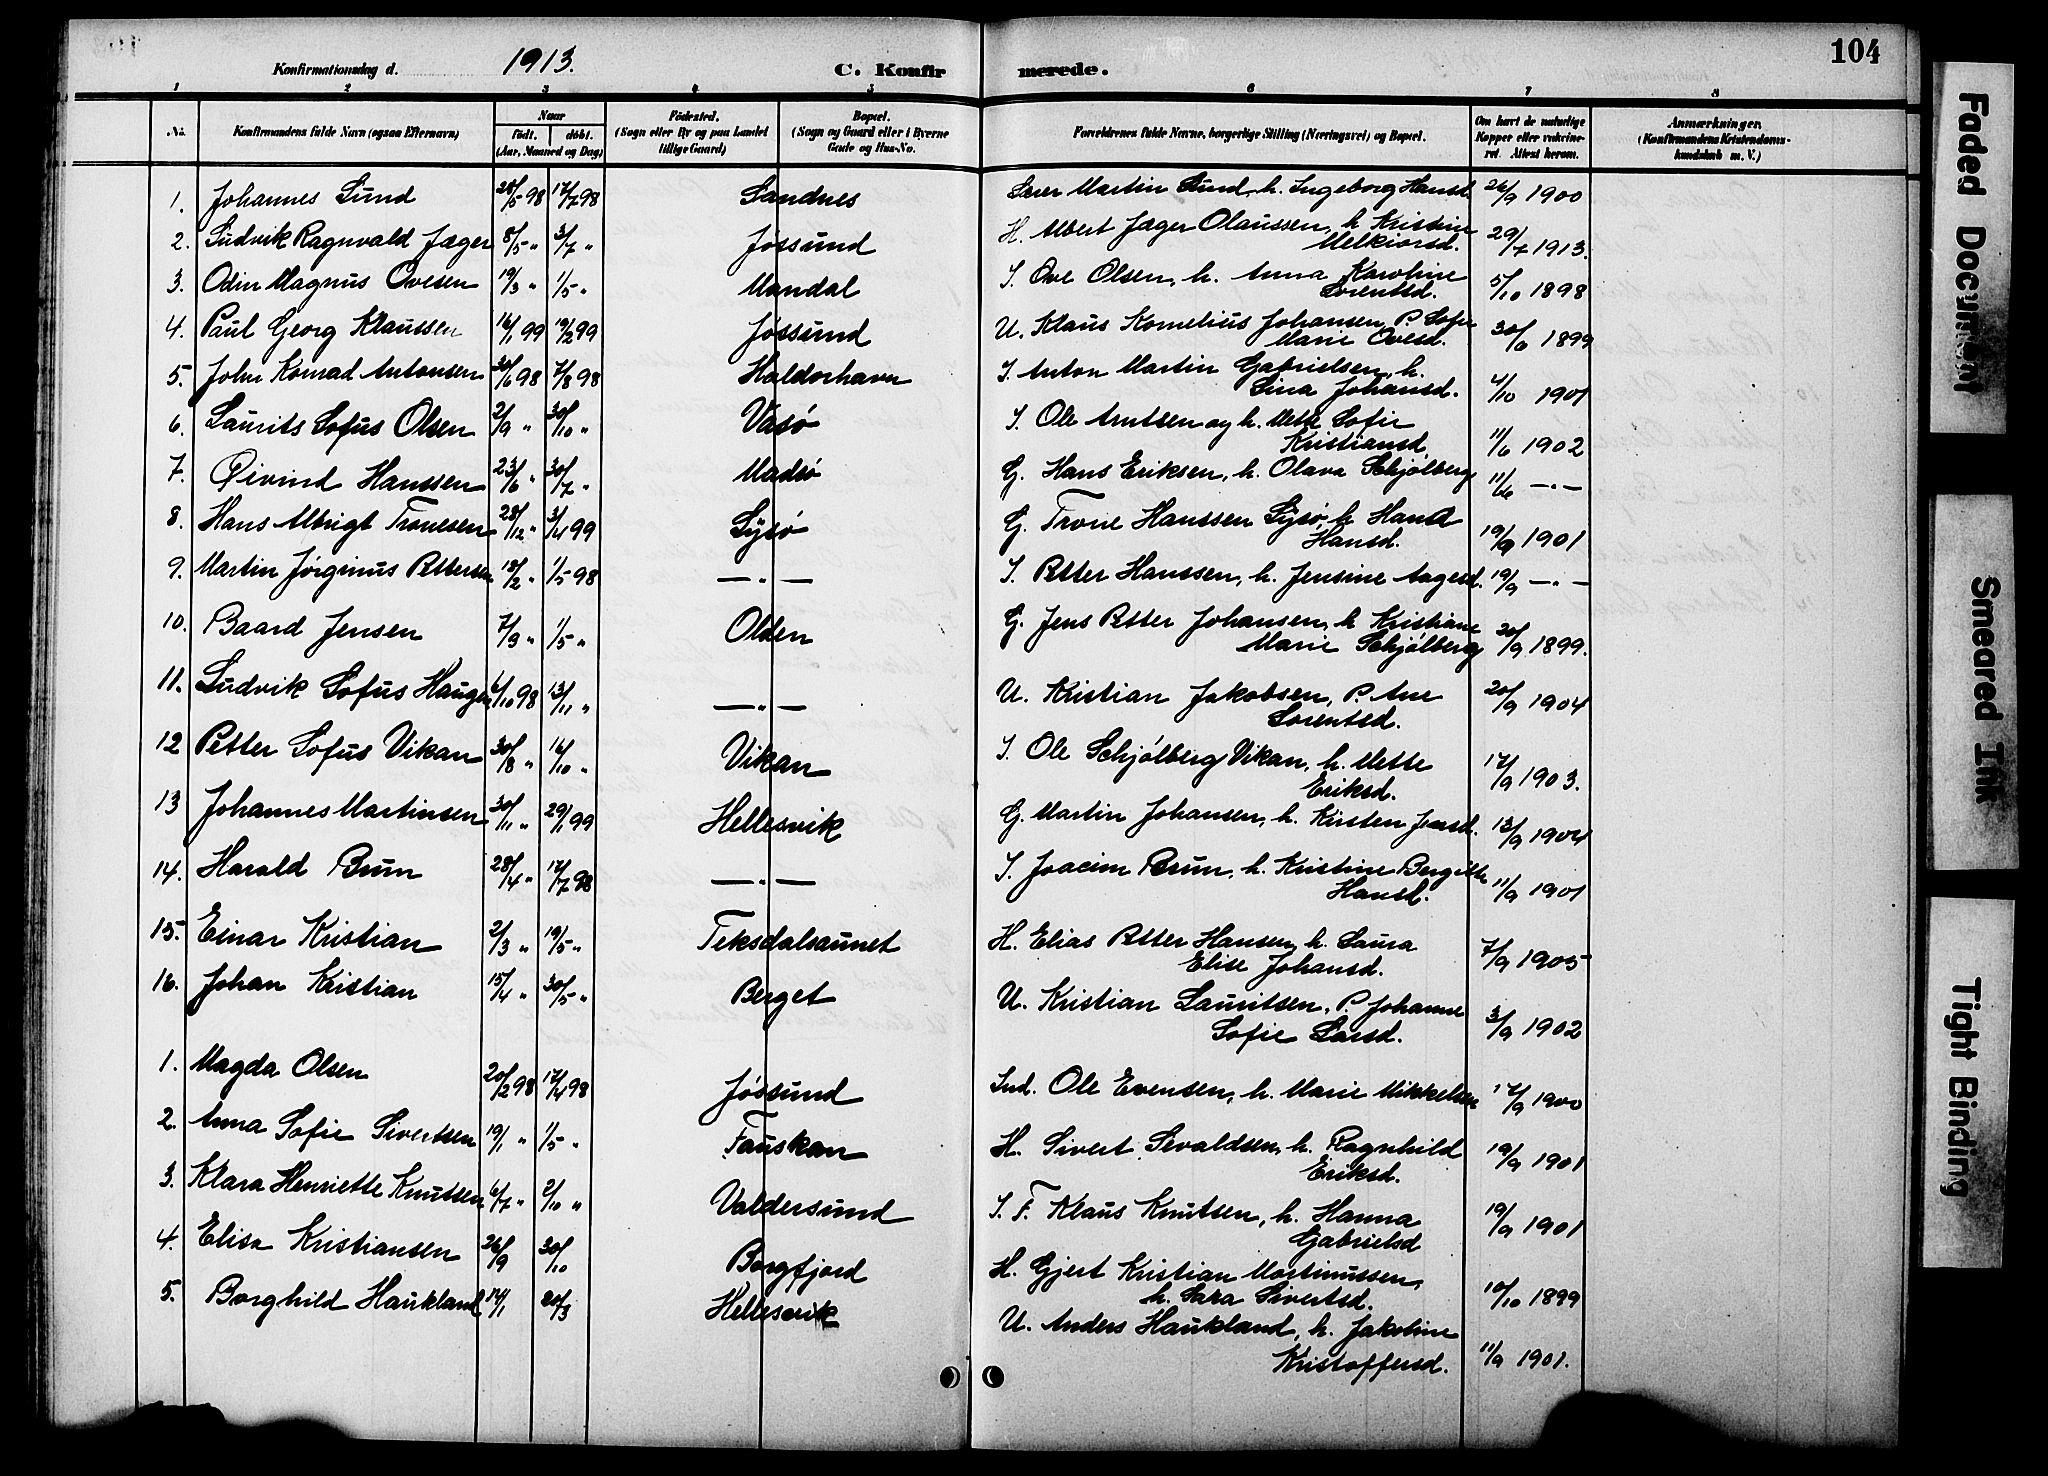 SAT, Ministerialprotokoller, klokkerbøker og fødselsregistre - Sør-Trøndelag, 654/L0666: Klokkerbok nr. 654C02, 1901-1925, s. 104